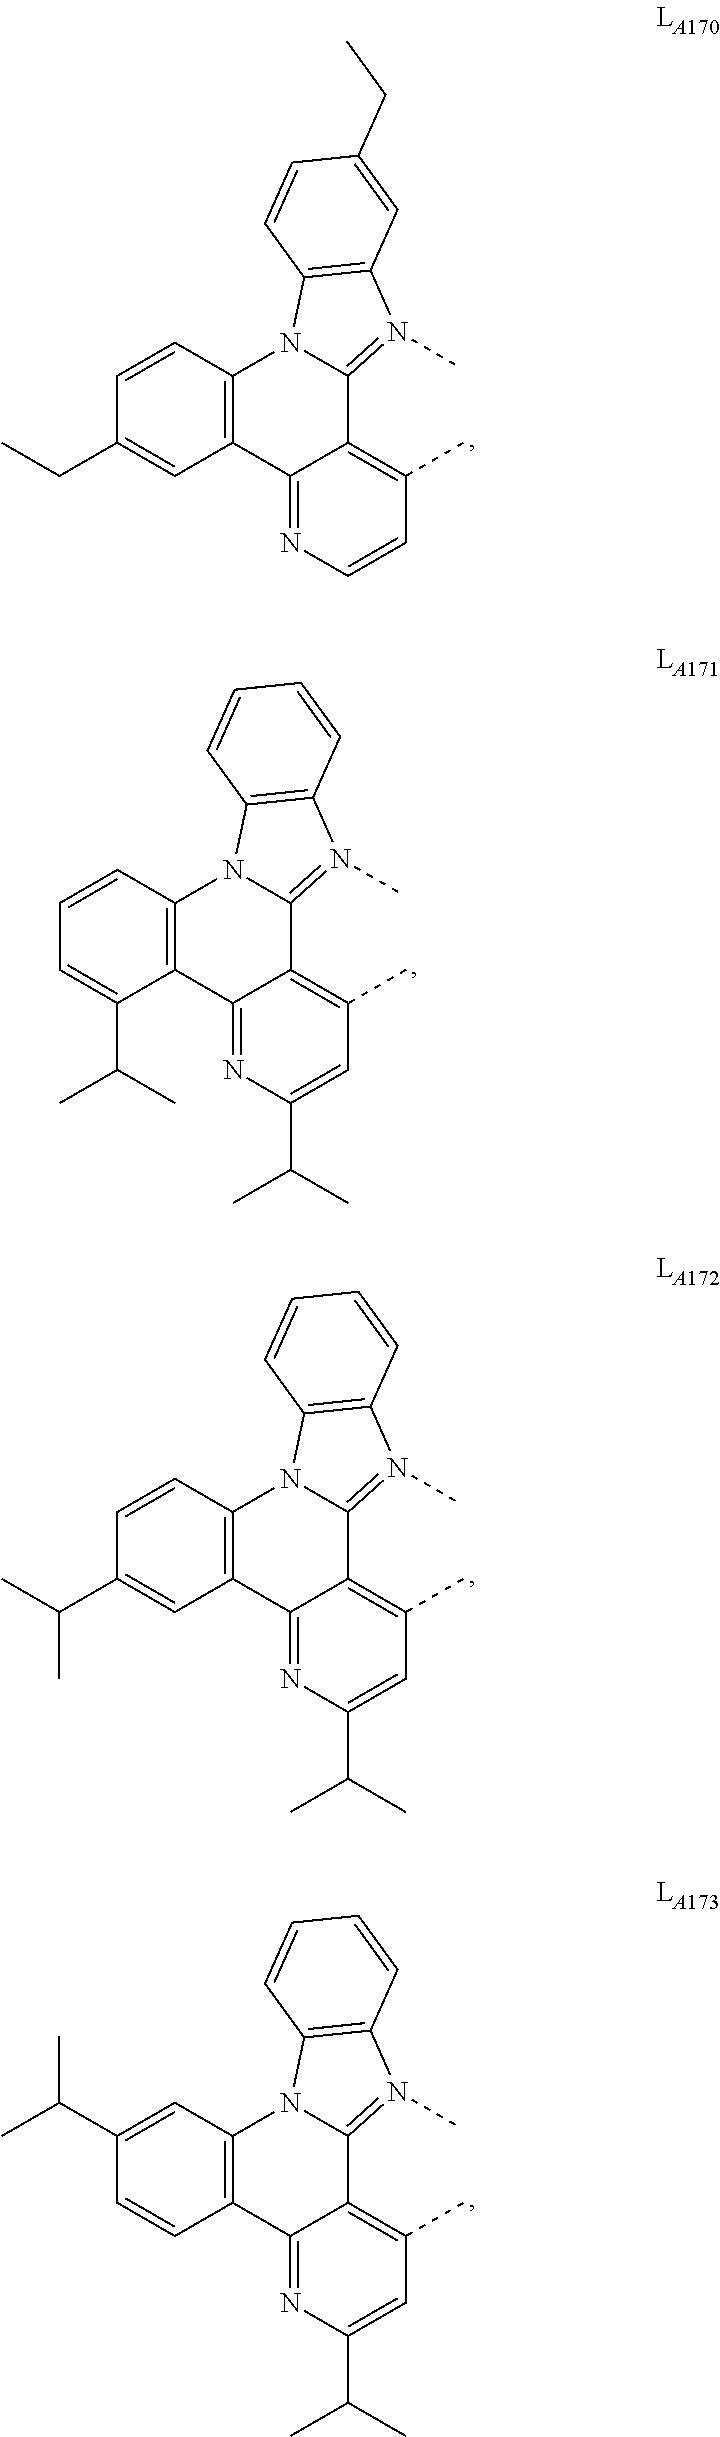 Figure US09905785-20180227-C00064